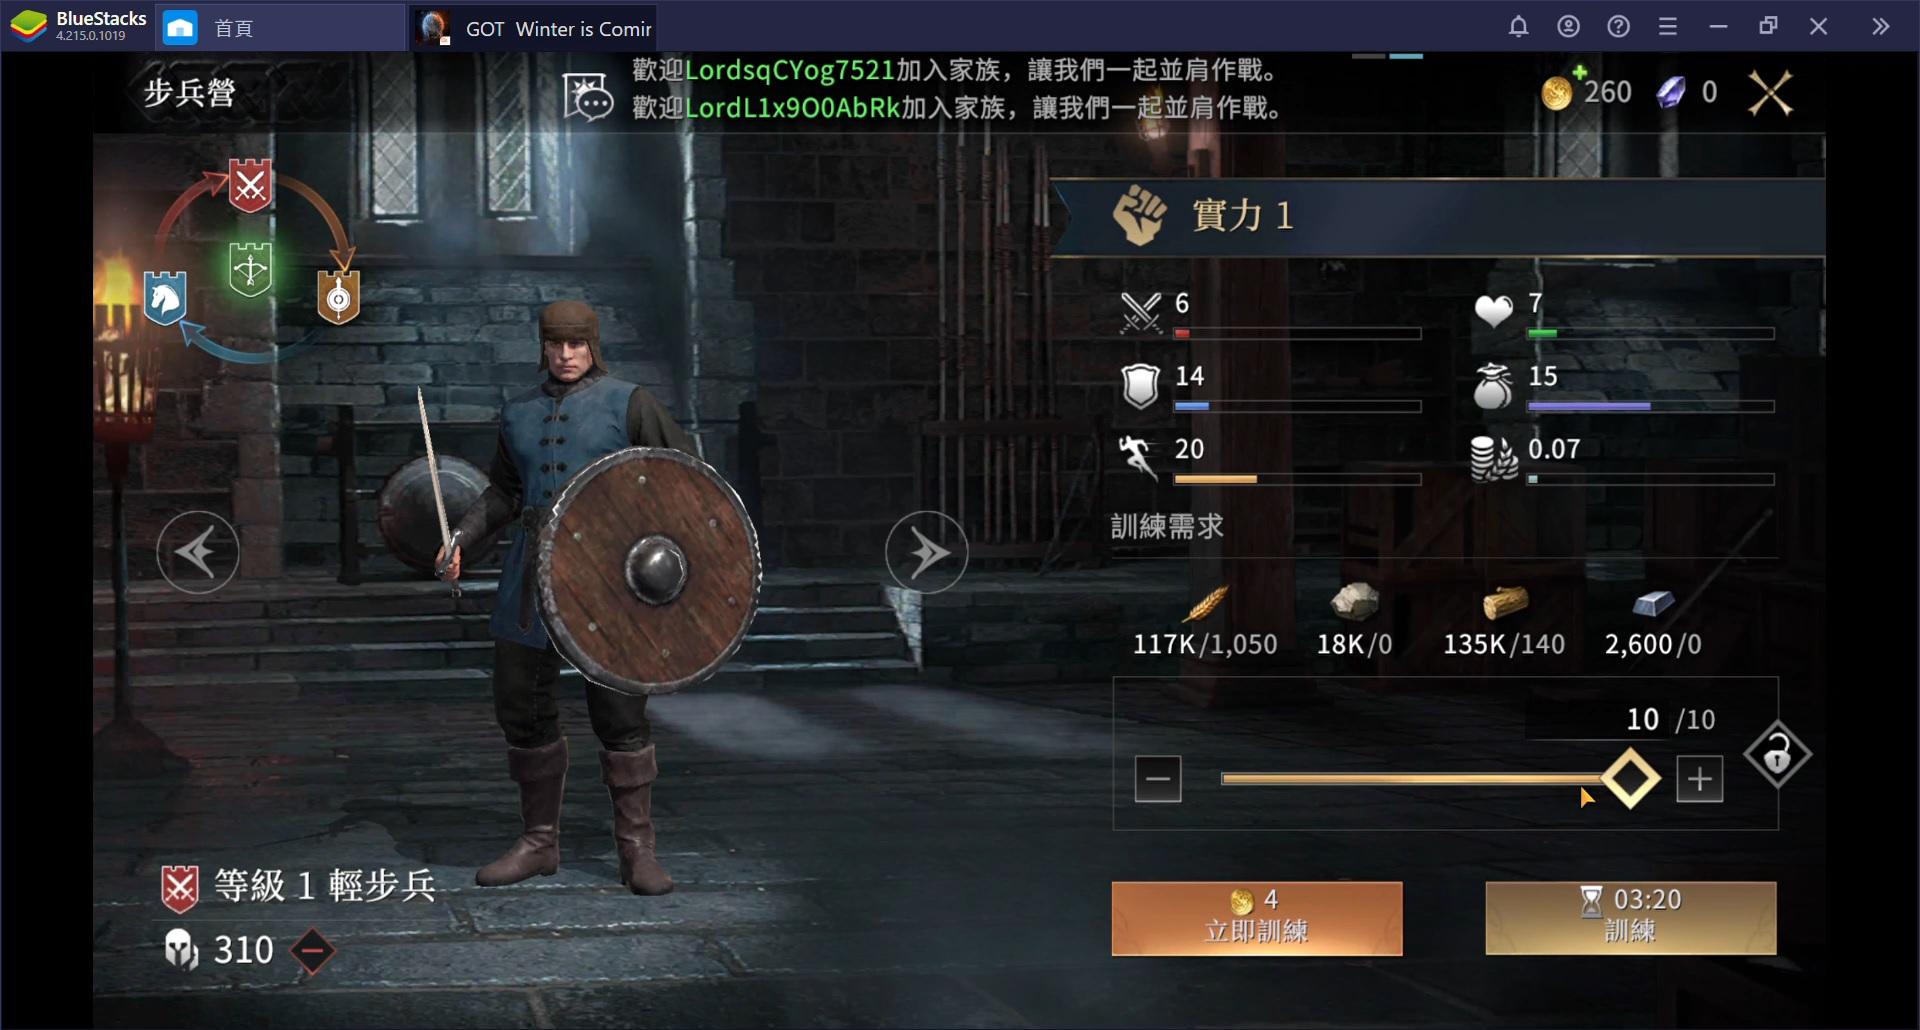 使用BlueStacks在PC上搶先體驗HBO正版授權戰爭策略遊戲《權力的遊戲:凜冬將至M》